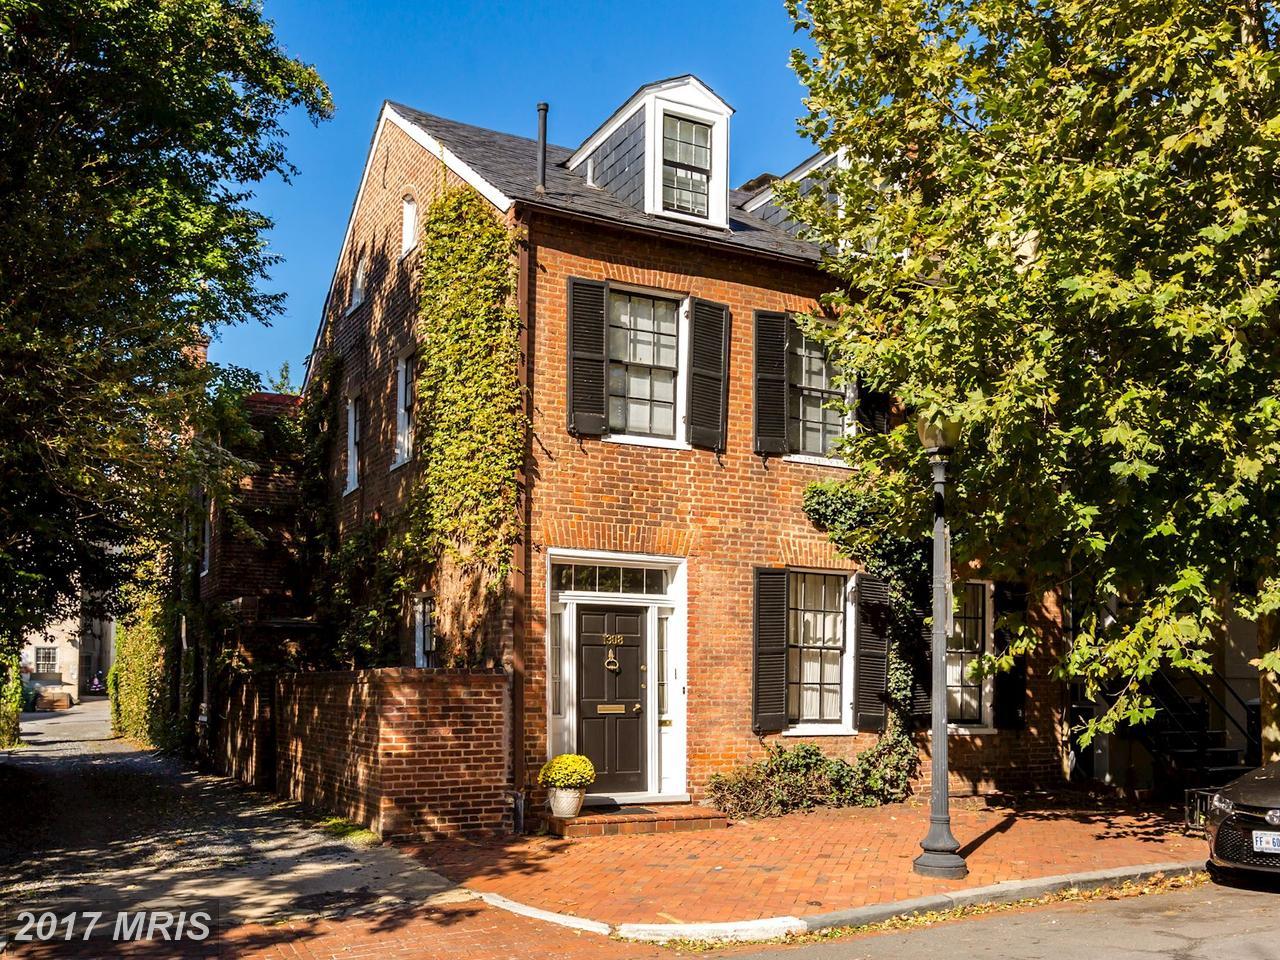 Maison unifamiliale pour l Vente à Federal, Semi-Detached - WASHINGTON, DC 1308 29TH ST NW Washington, District De Columbia,20007 États-Unis